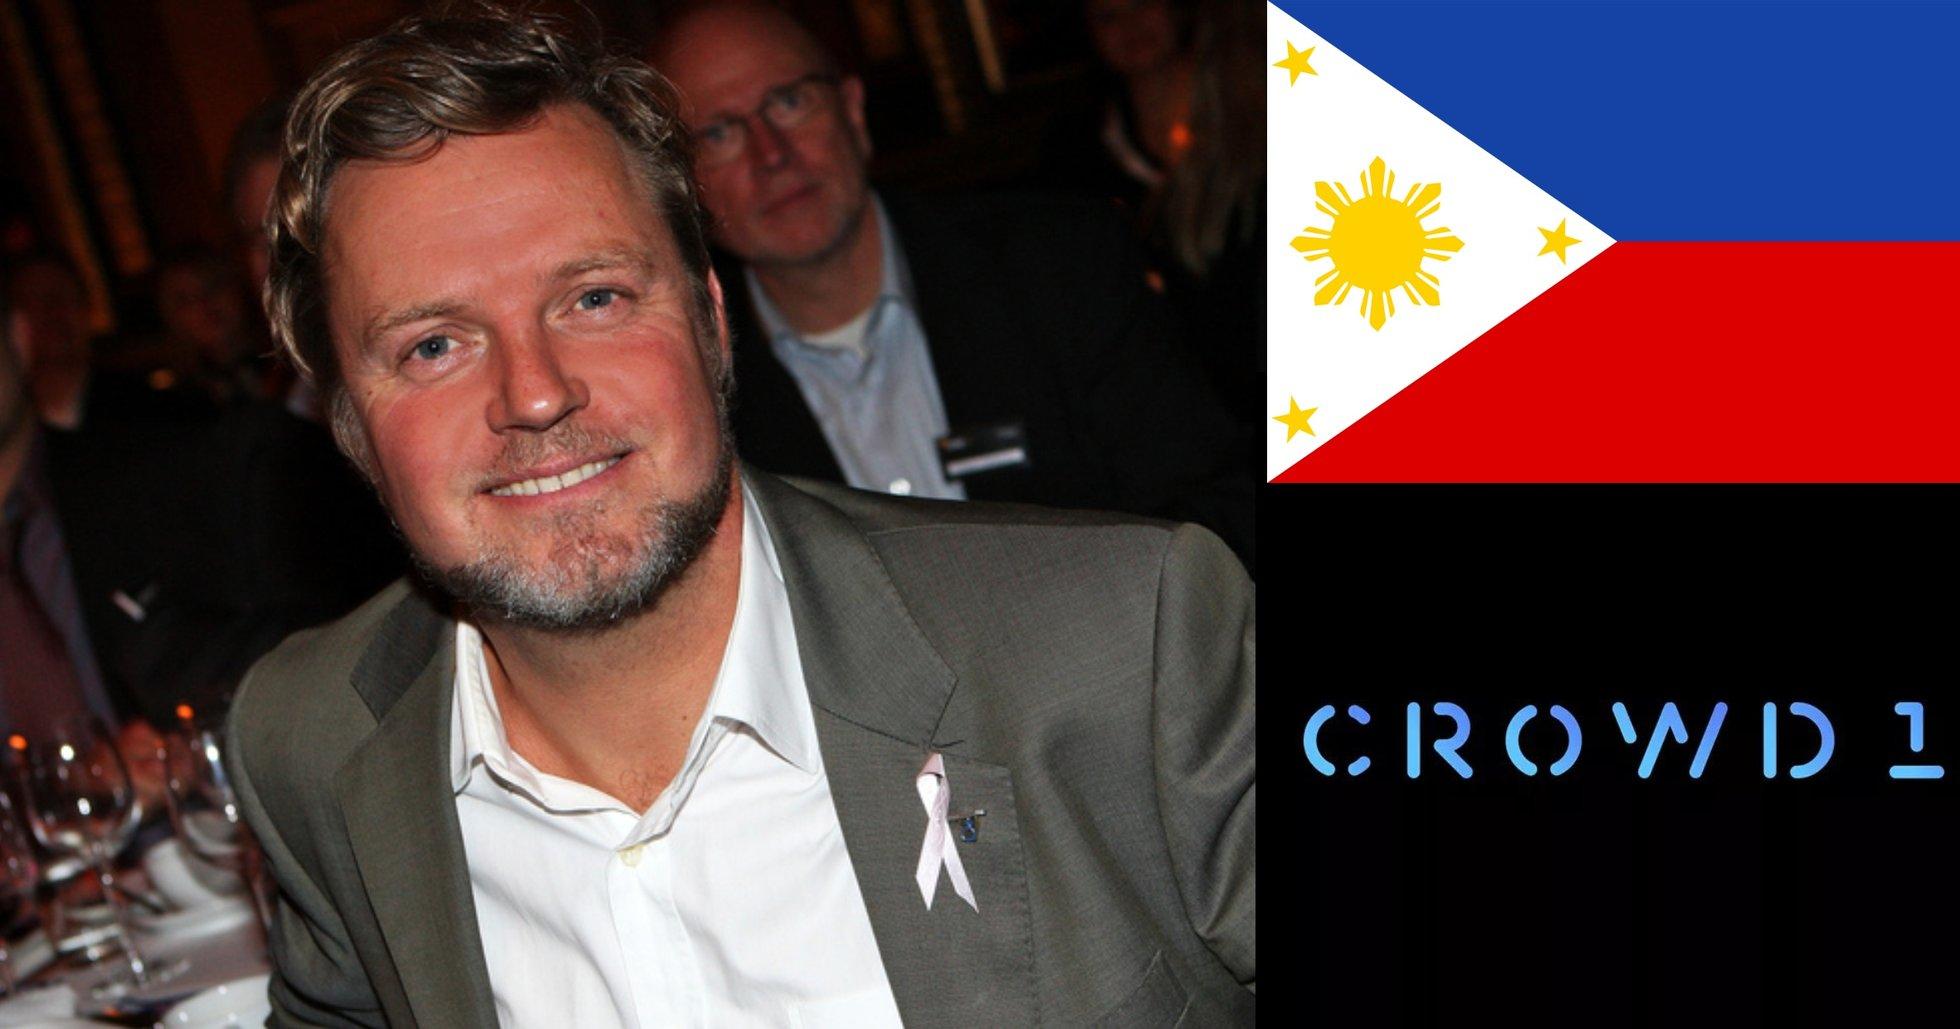 Filippinerna klassar Crowd1 som oregistrerad säkerhet – kan ge 21 år i fängelse